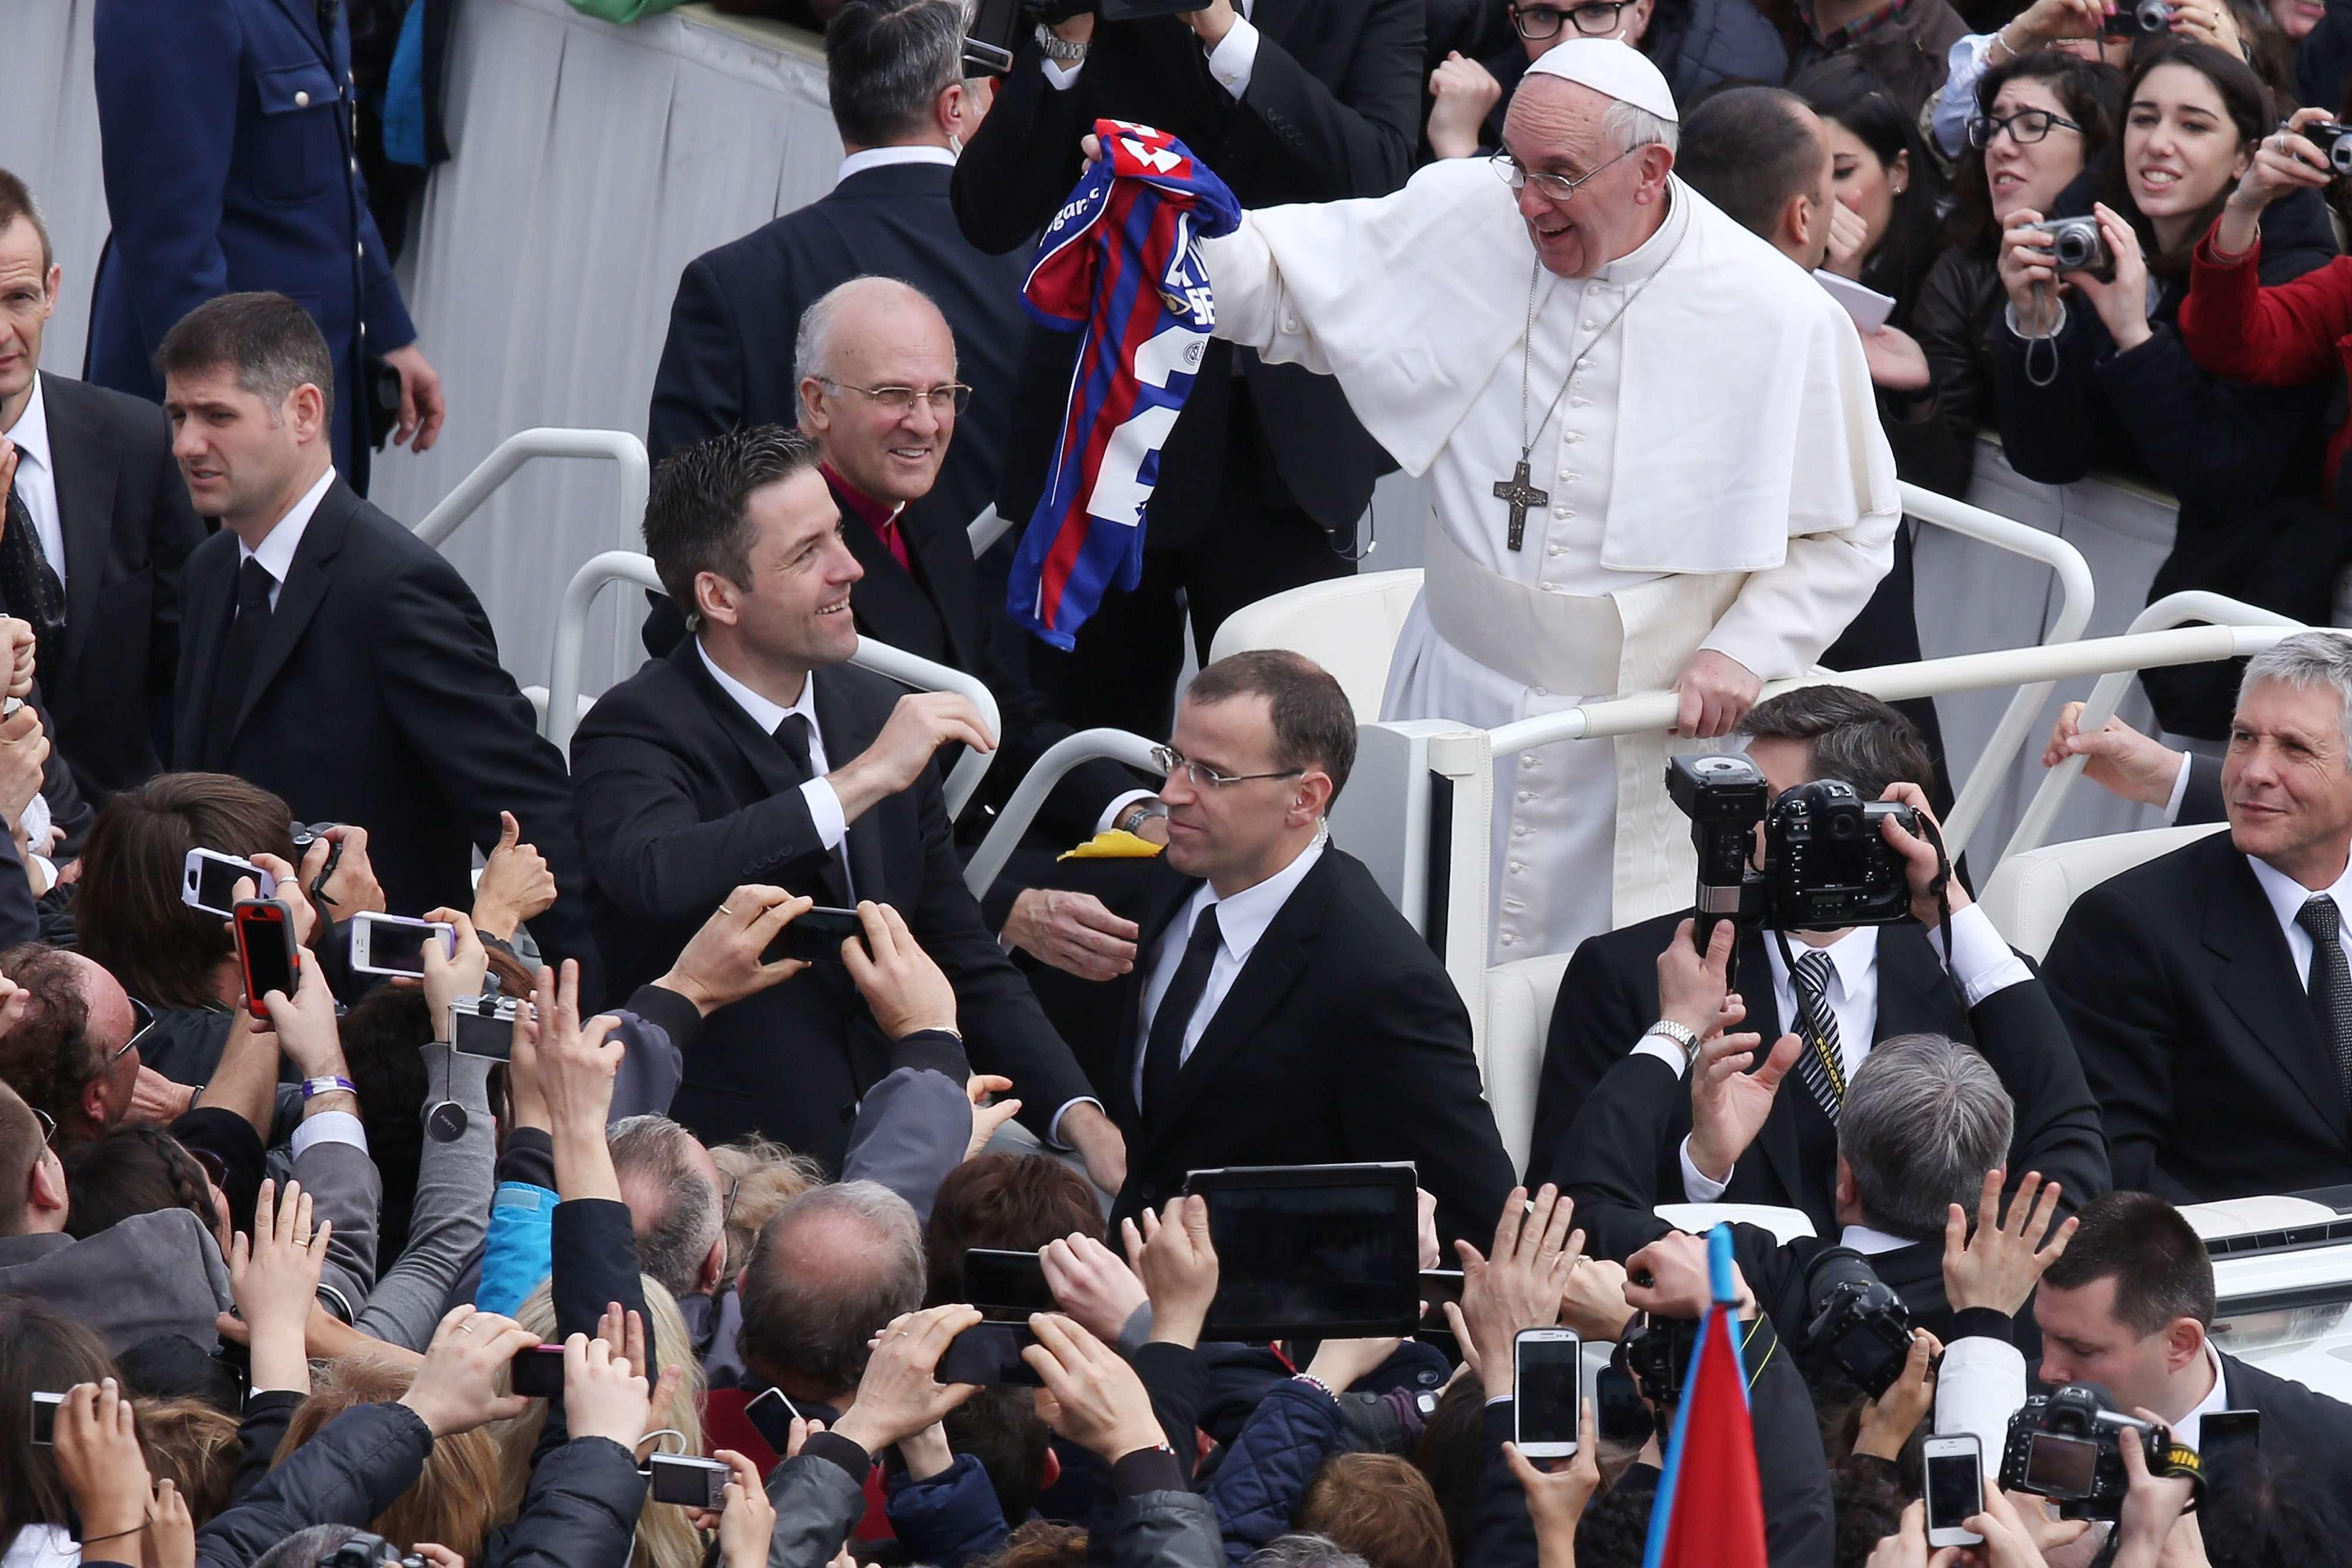 El Papa Francisco es hincha declarado de San Lorenzo. Foto: Getty Images